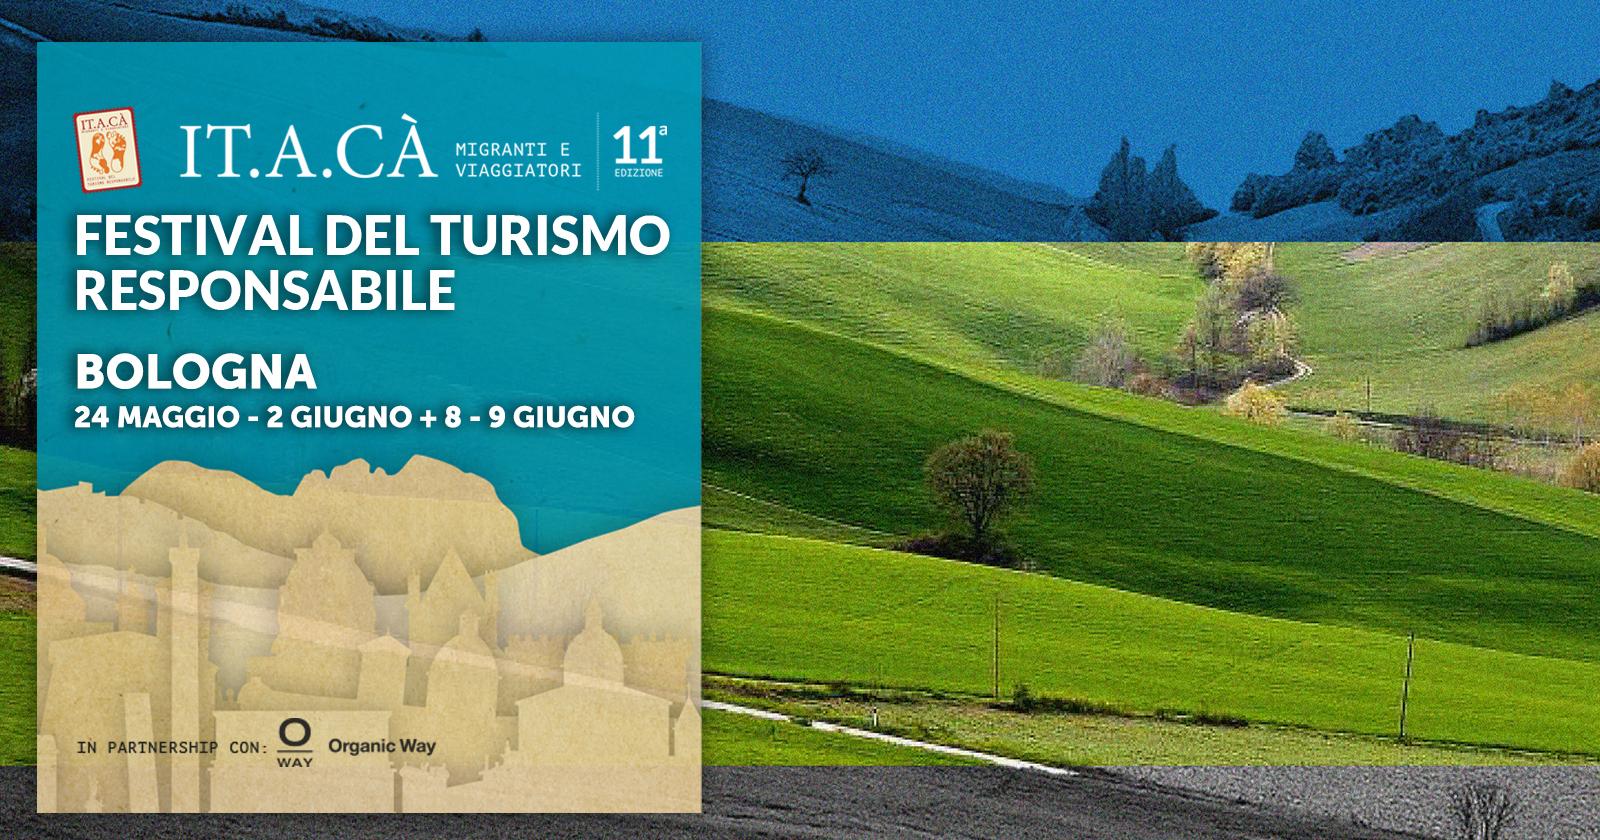 8-9 Giugno 2019 Festival It.a.cà Val di Zena